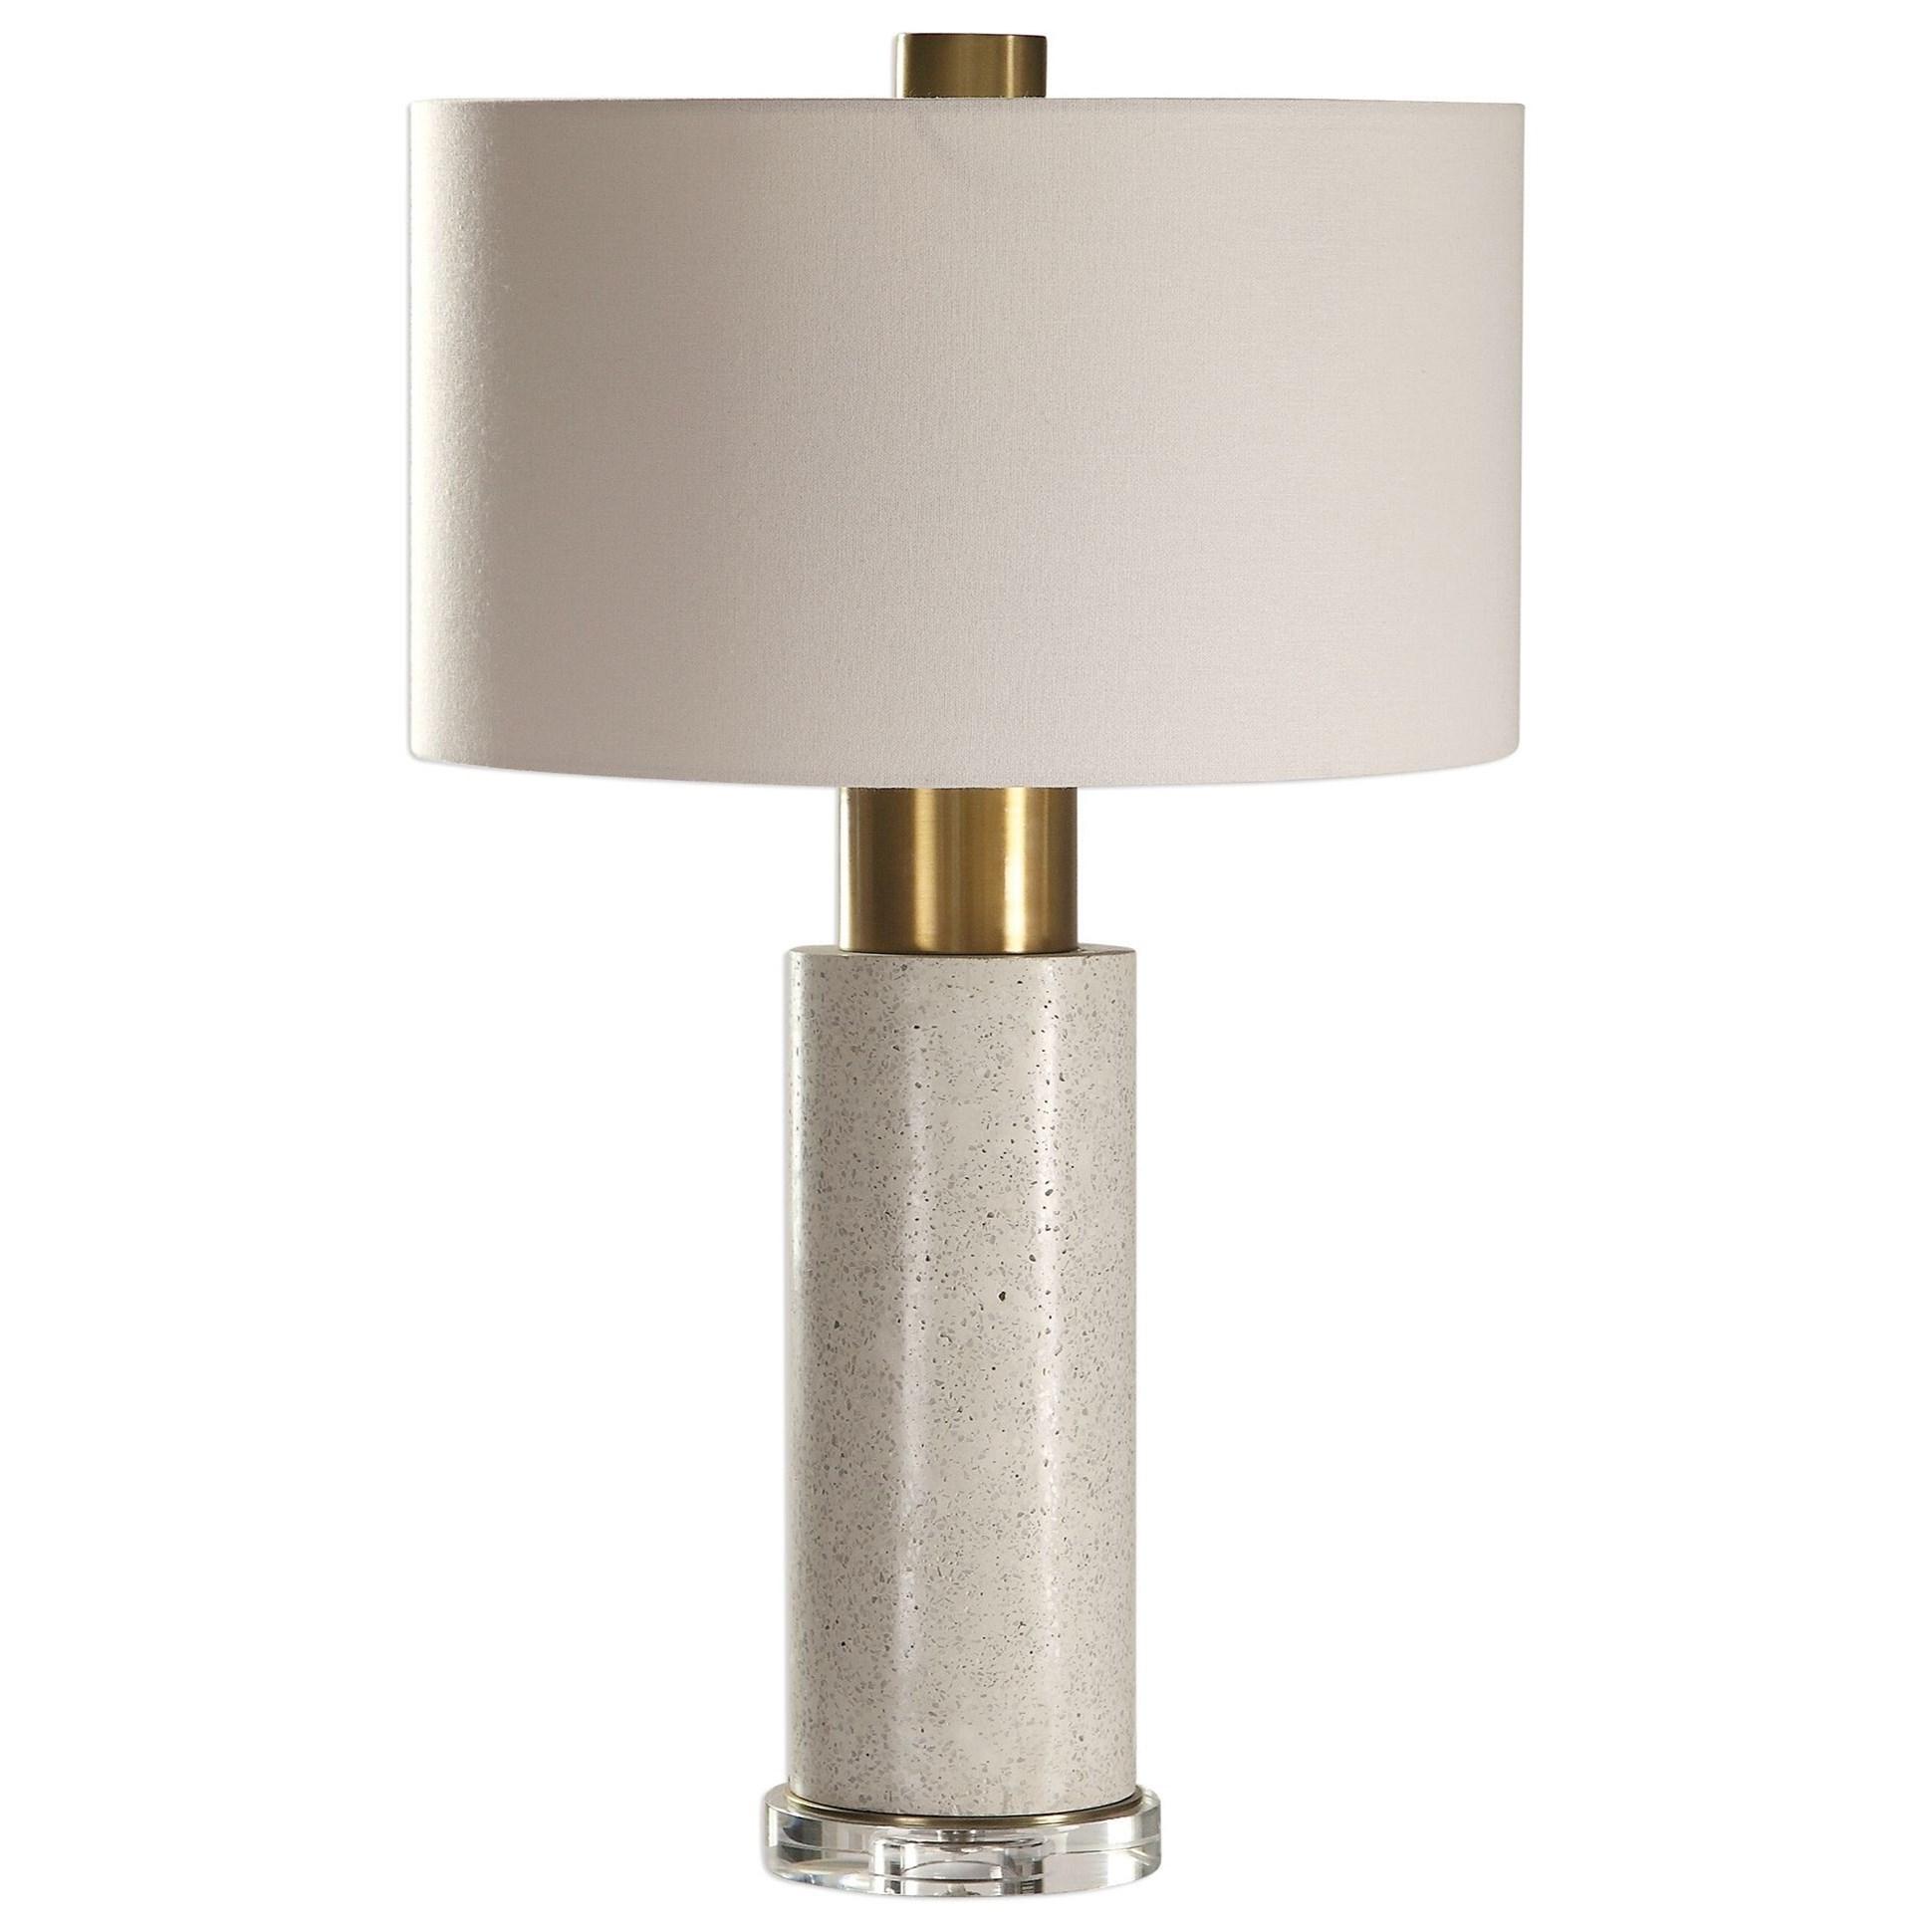 Vaeshon Concrete Table Lamp